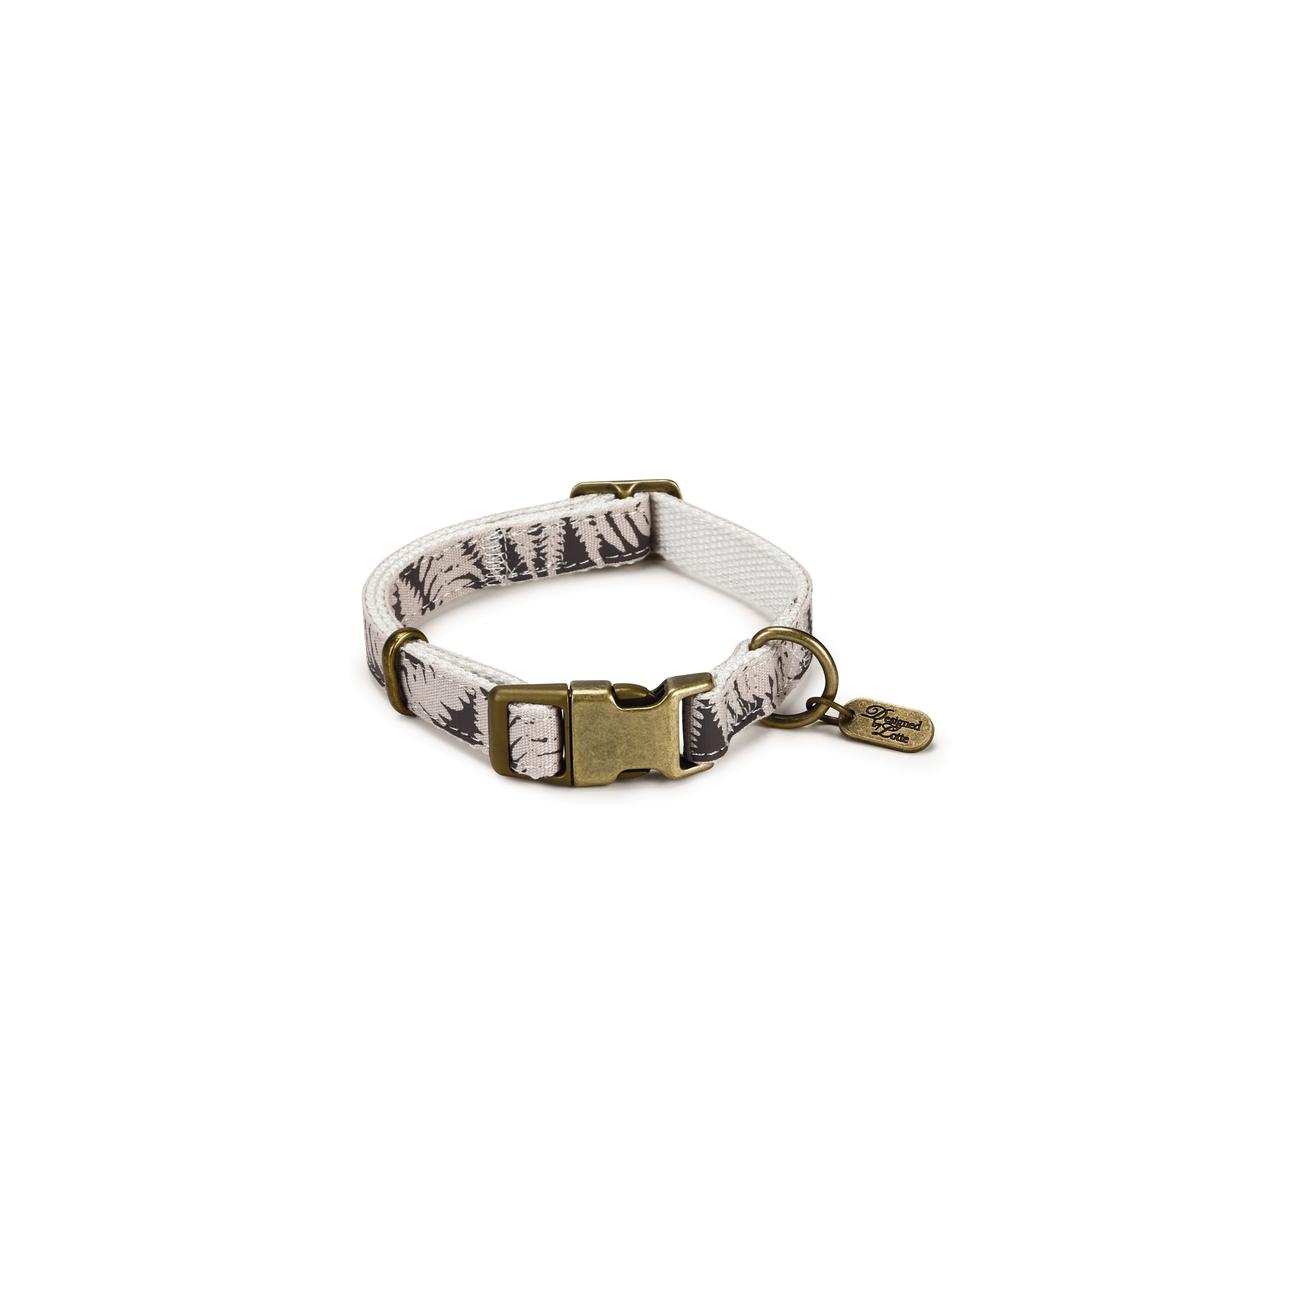 Designed By Lotte - Oribo Halsband oder Leine aus Nylon, Bild 5